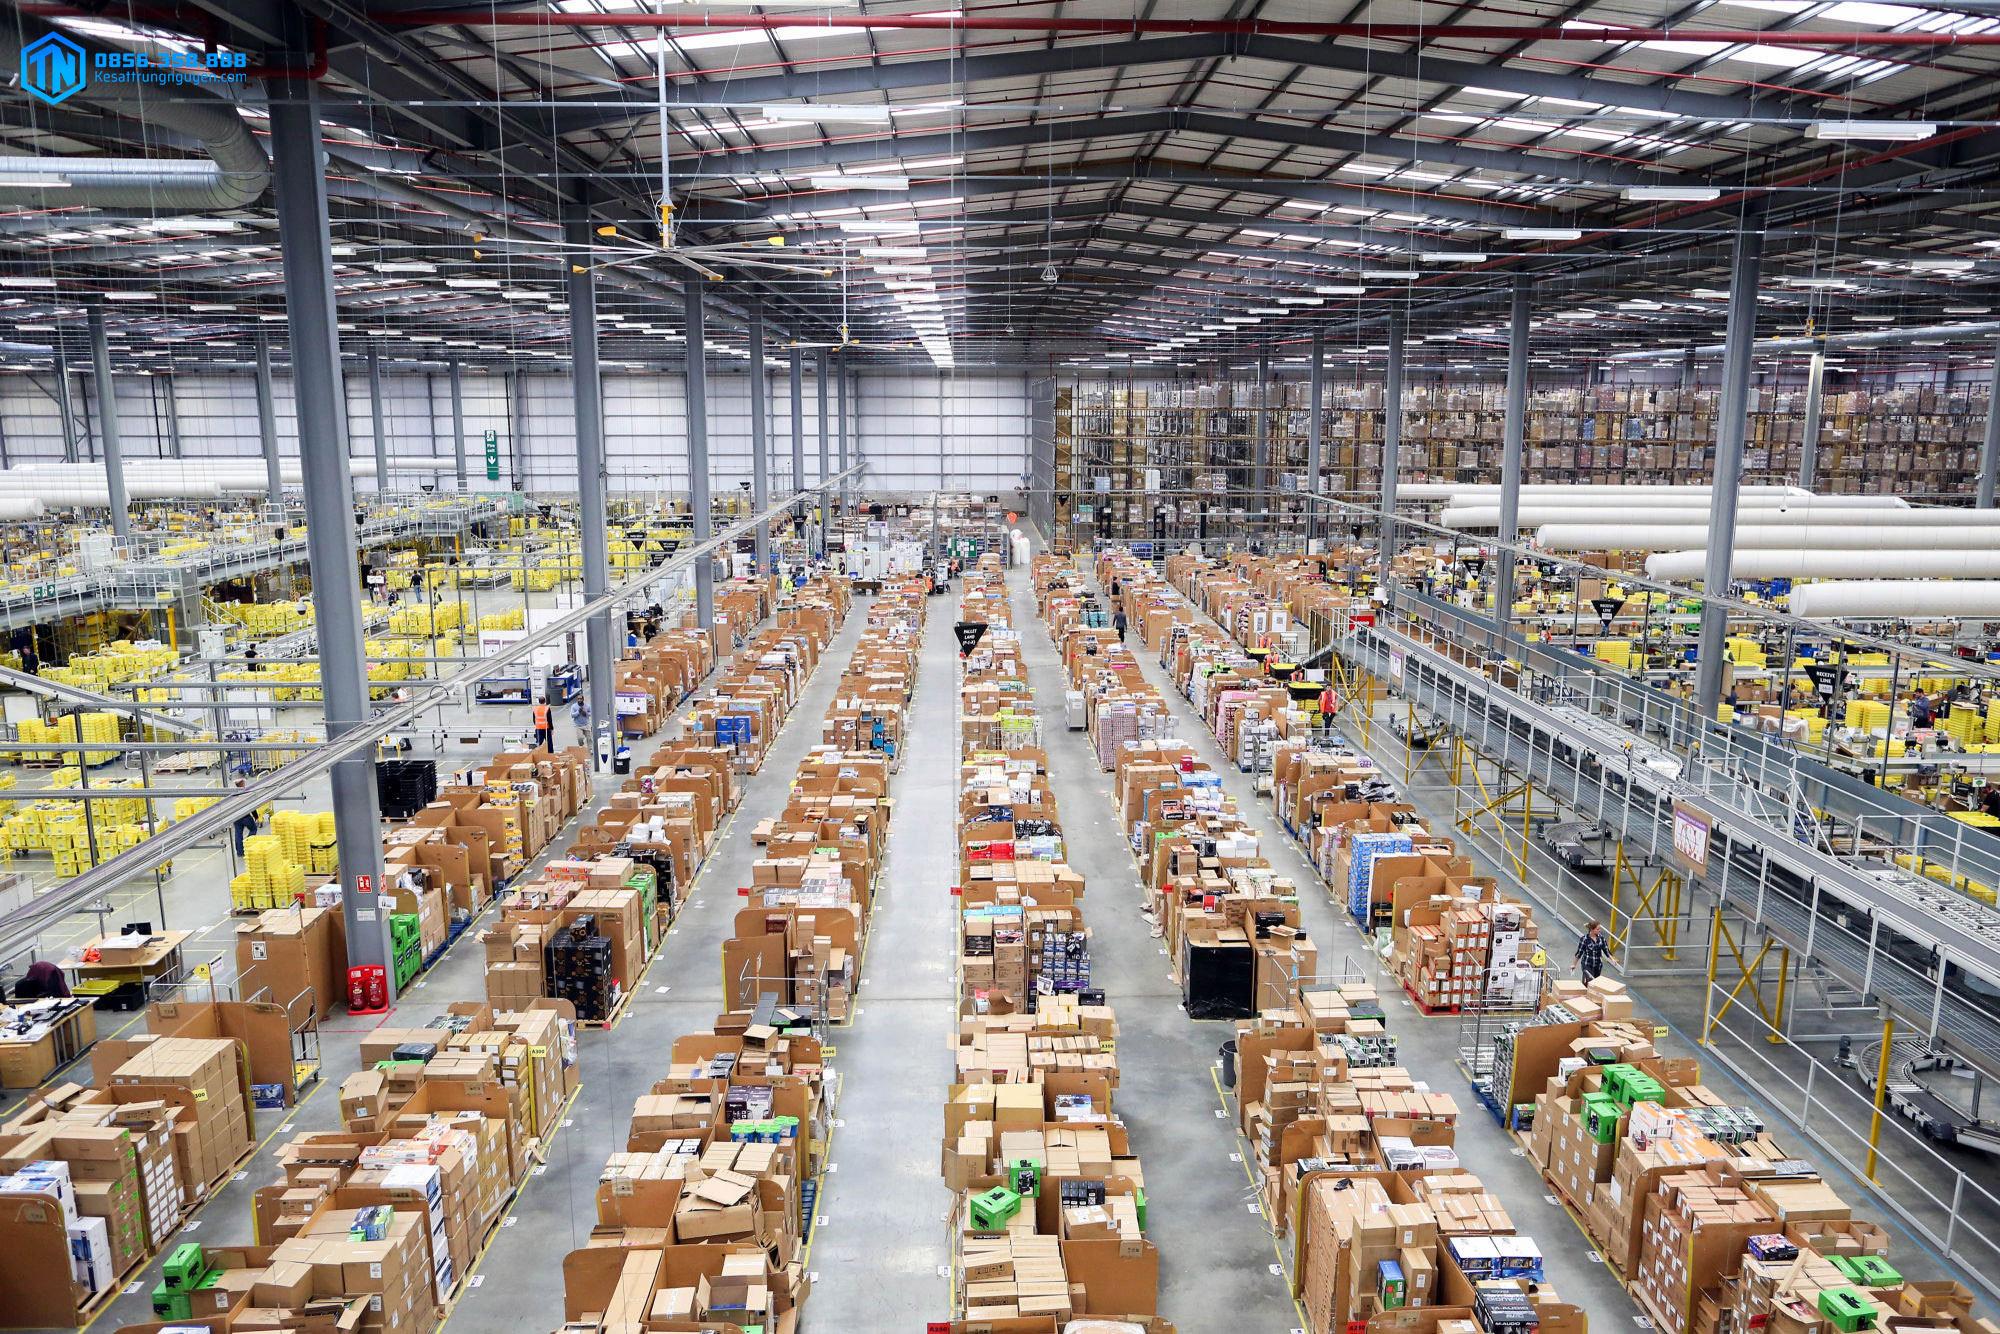 Công việc quản lý kho hàng trong logistics